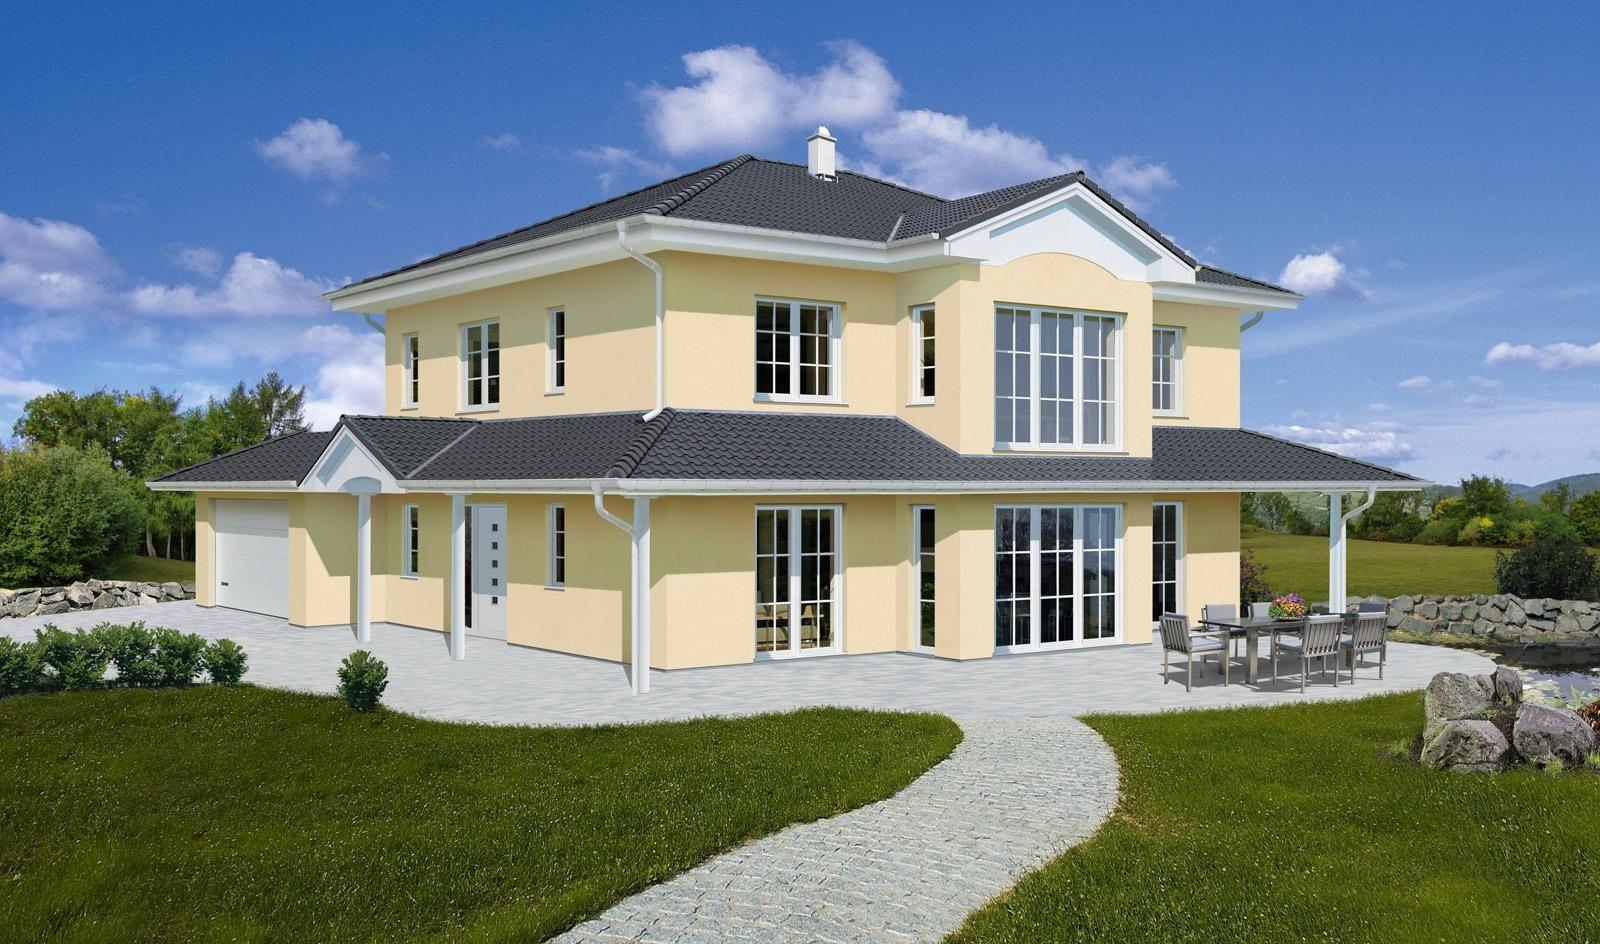 Classic 218 W Hartl haus, Haus, Haus bauen